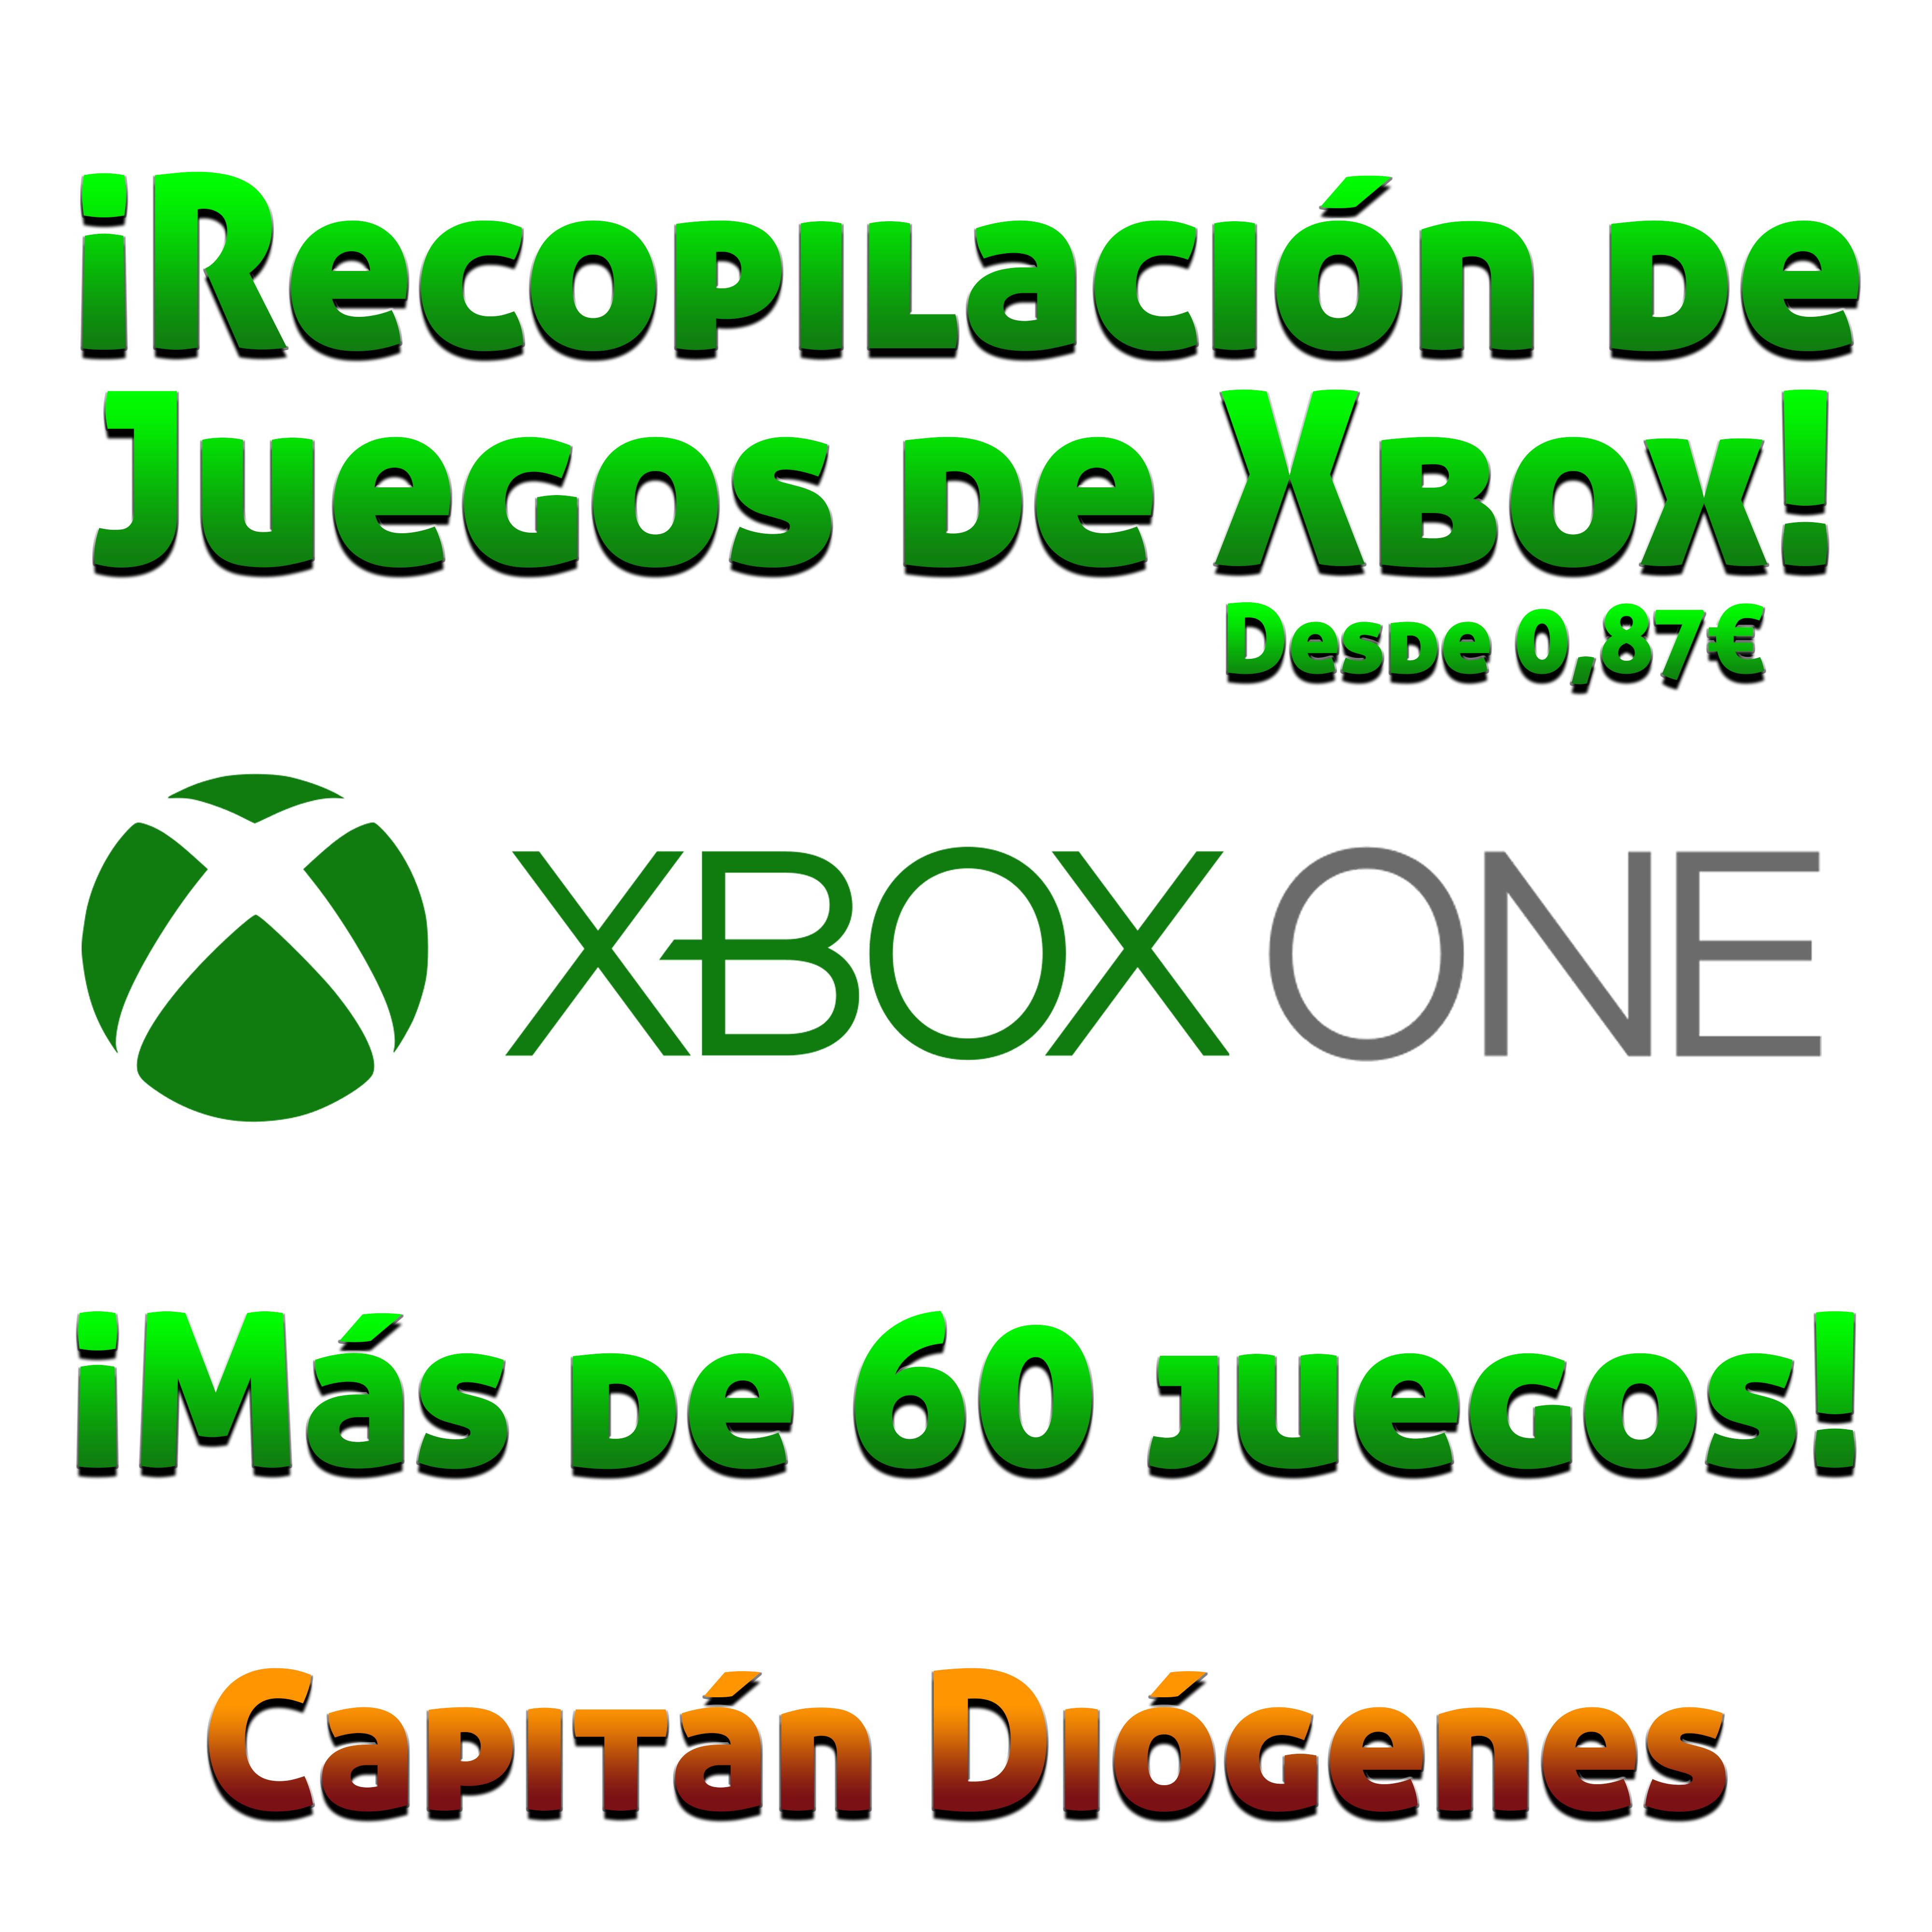 ¡MEGA-RECOPILACIÓN DE JUEGAZOS PARA LA XBOX ONE! (desde 0,87€)